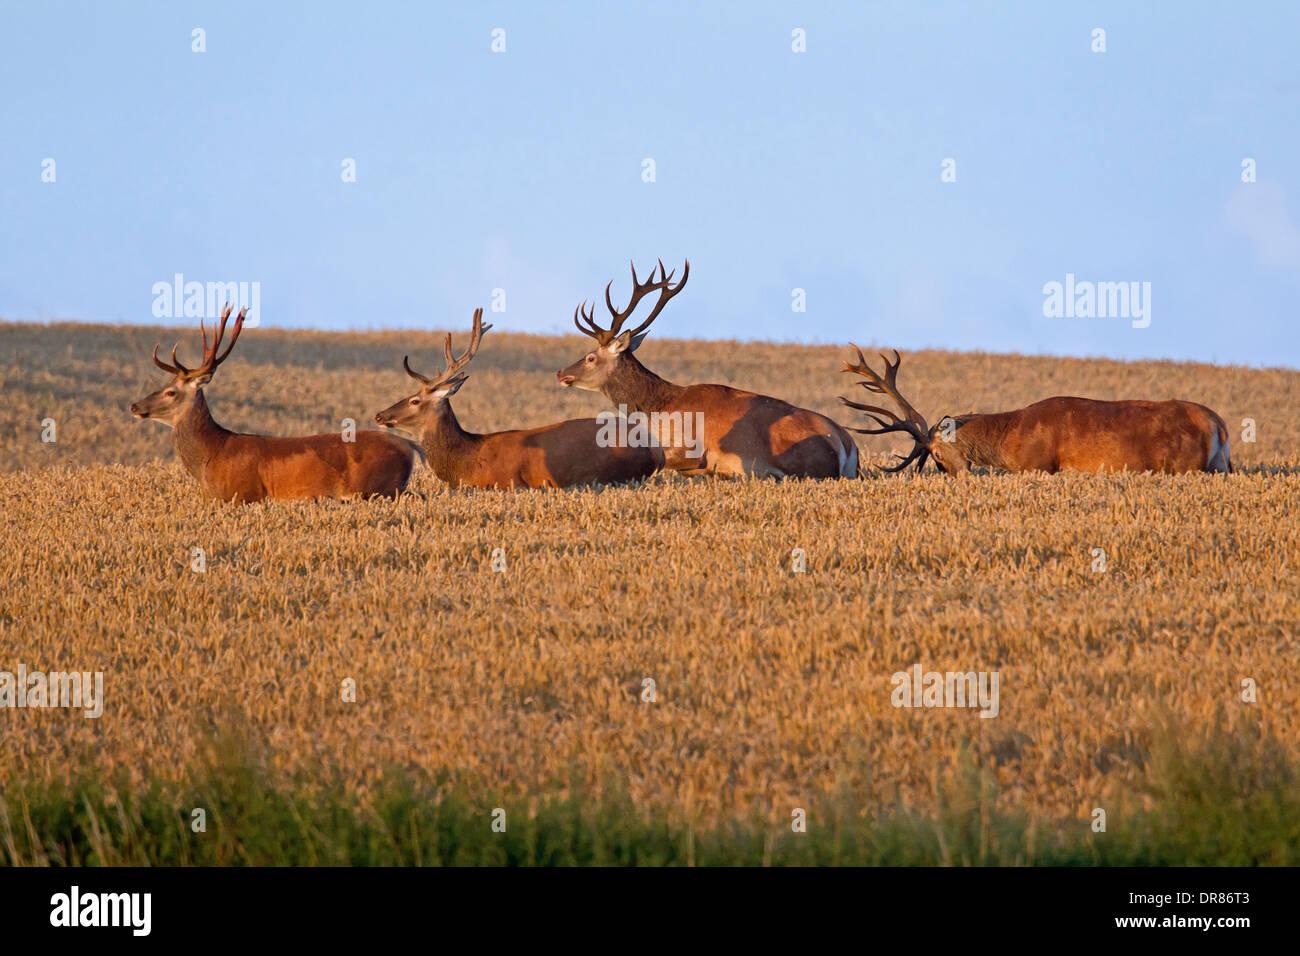 Herd of red deer (Cervus elaphus) stags traversing wheat field / cornfield in summer - Stock Image